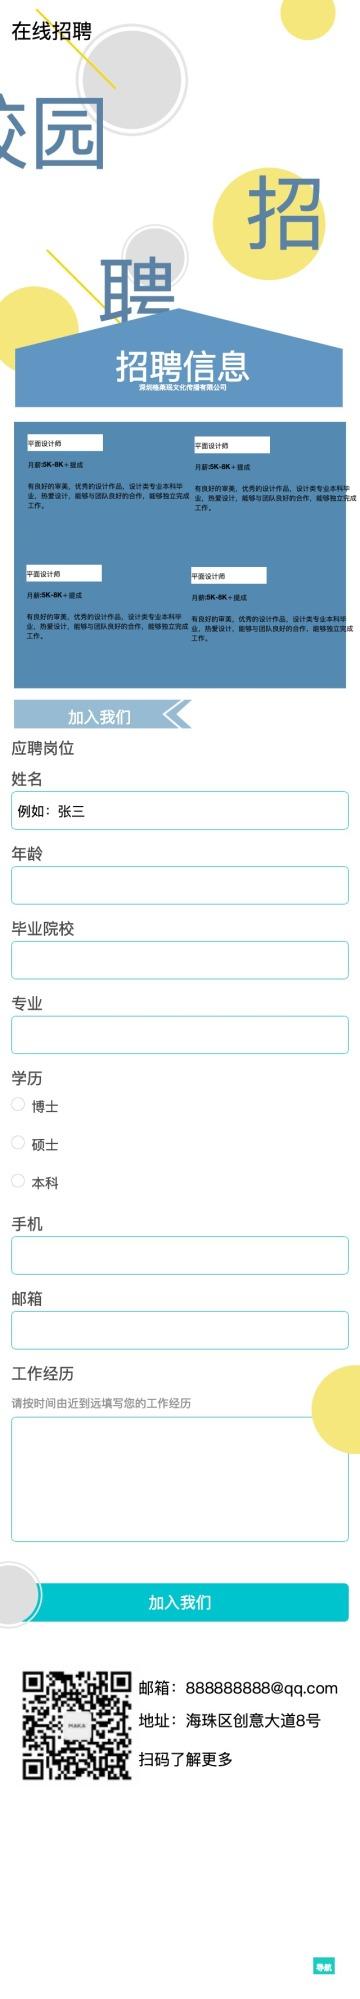 简约扁平校园招聘单页